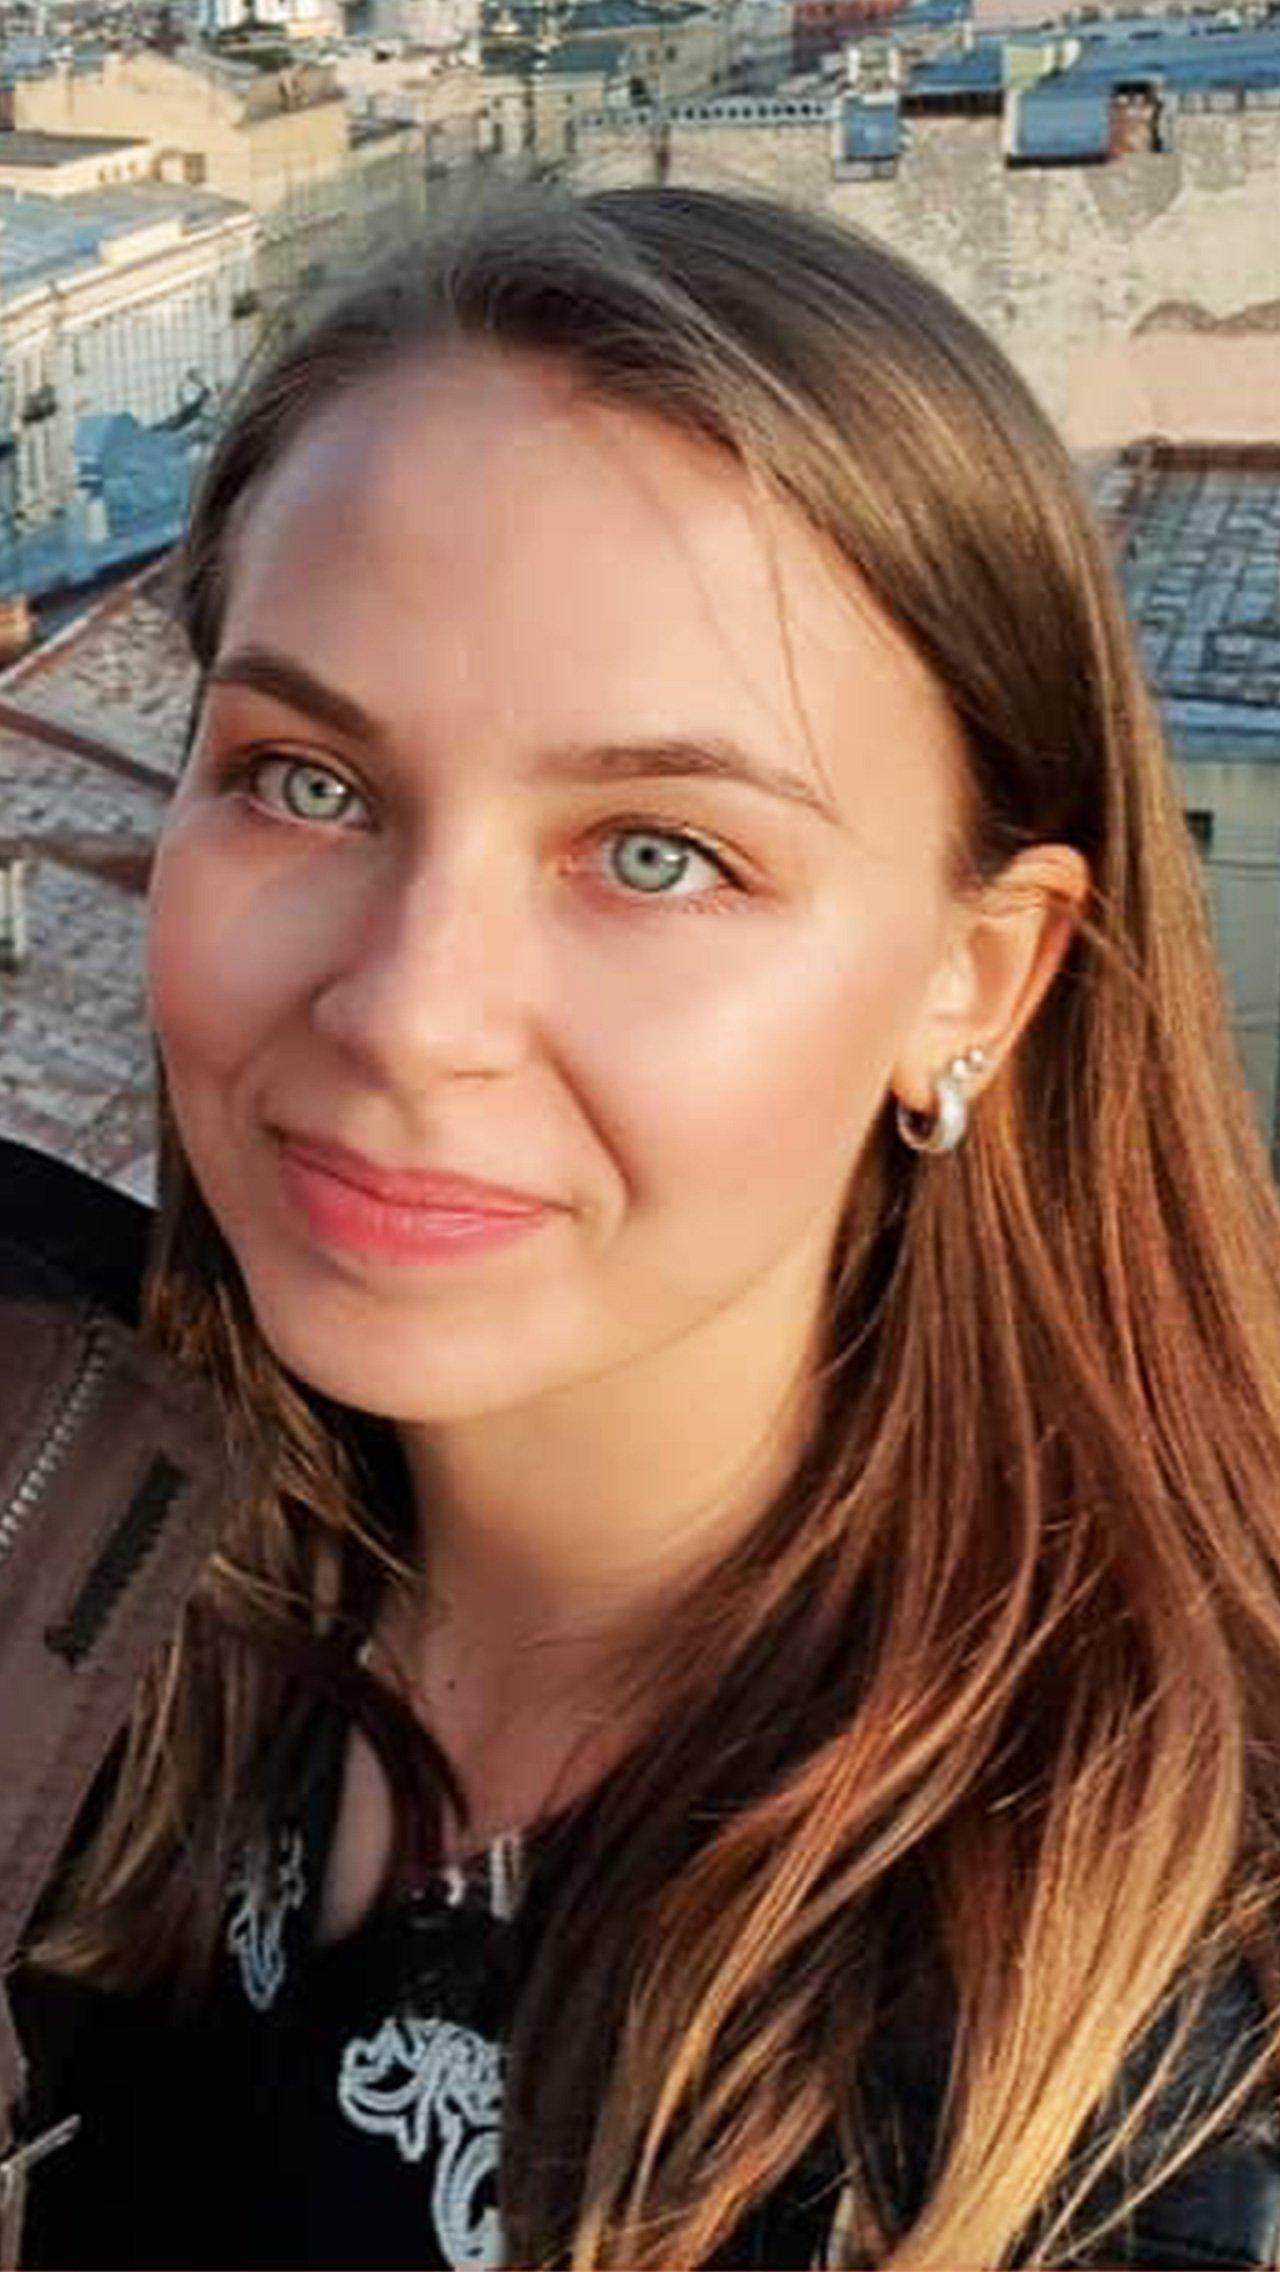 Лучший одиночник России Михаил Коляда счастлив в браке с бывшей фигуристкой Дарьей Беклемищевой.